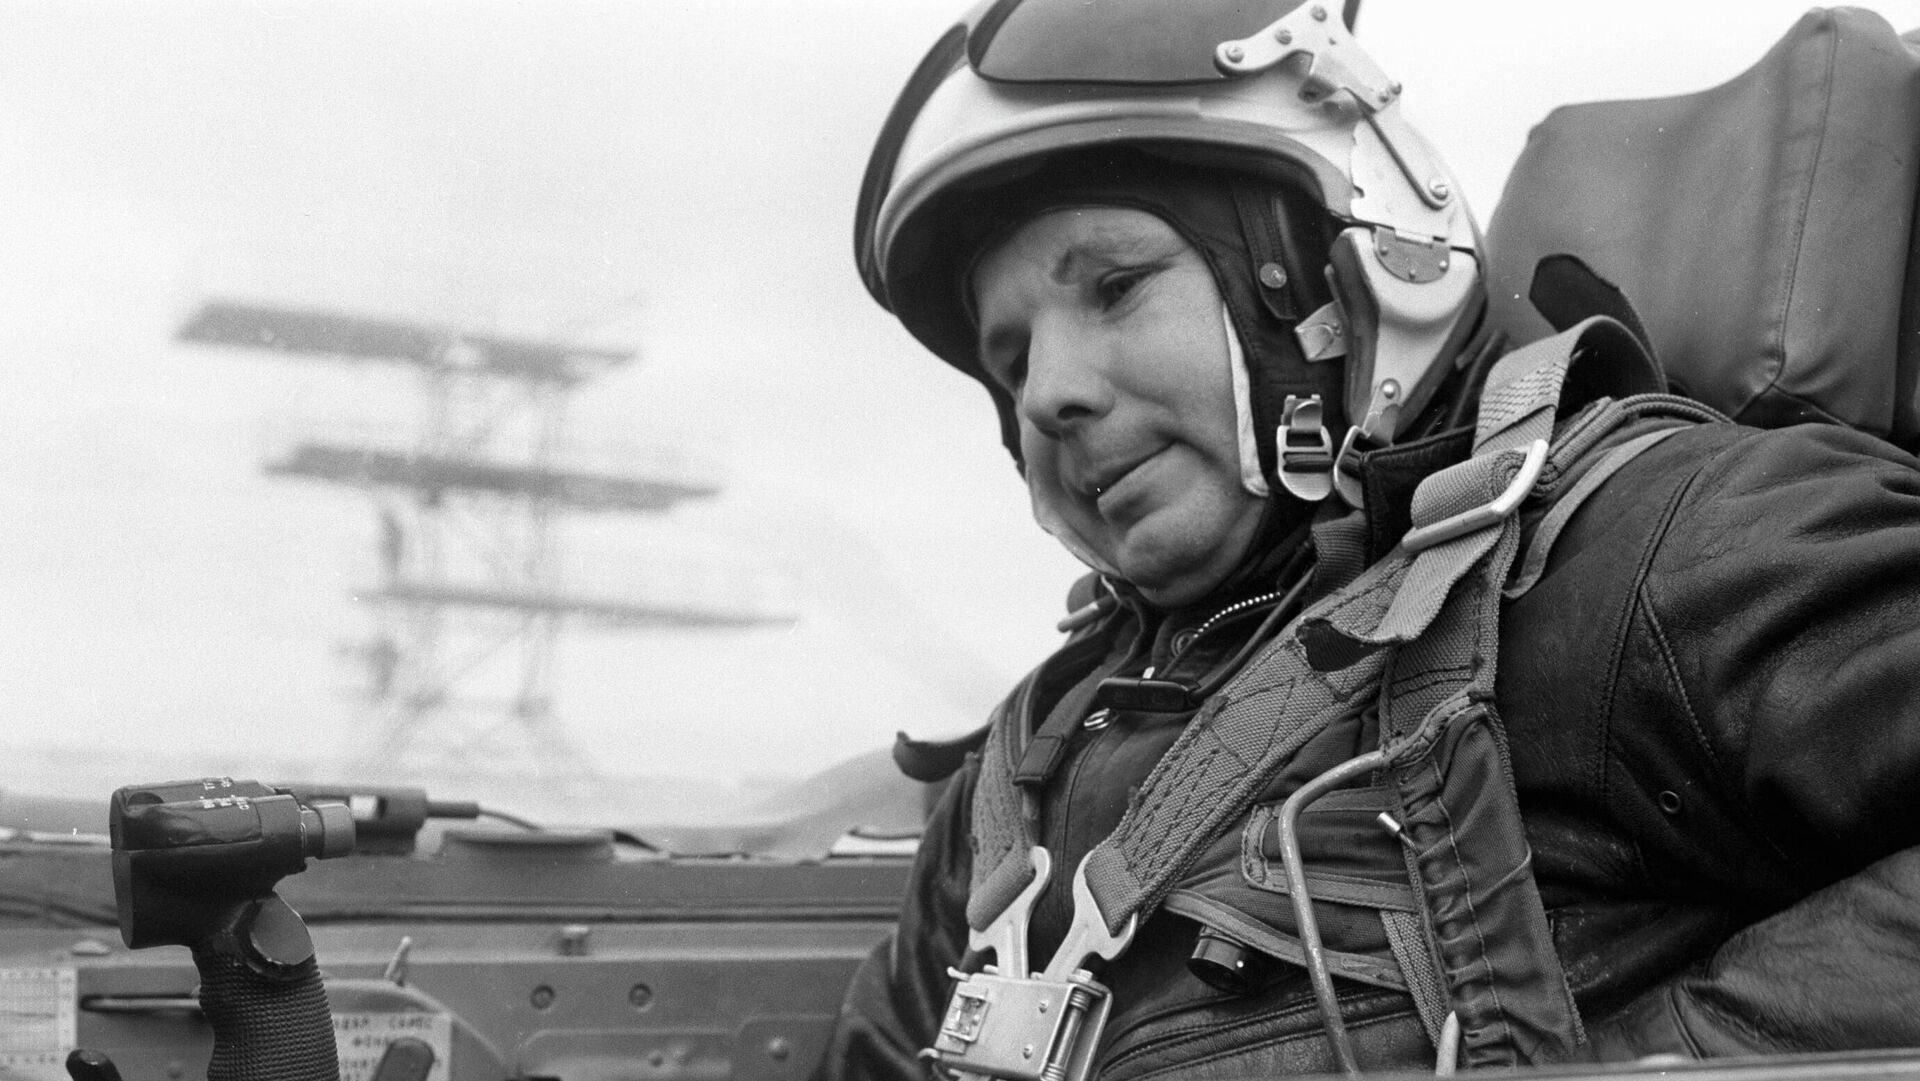 Летчик-космонавт Юрий Гагарин готовится к выполнению полетного задания в кабине реактивного истребителя  - РИА Новости, 1920, 12.04.2021